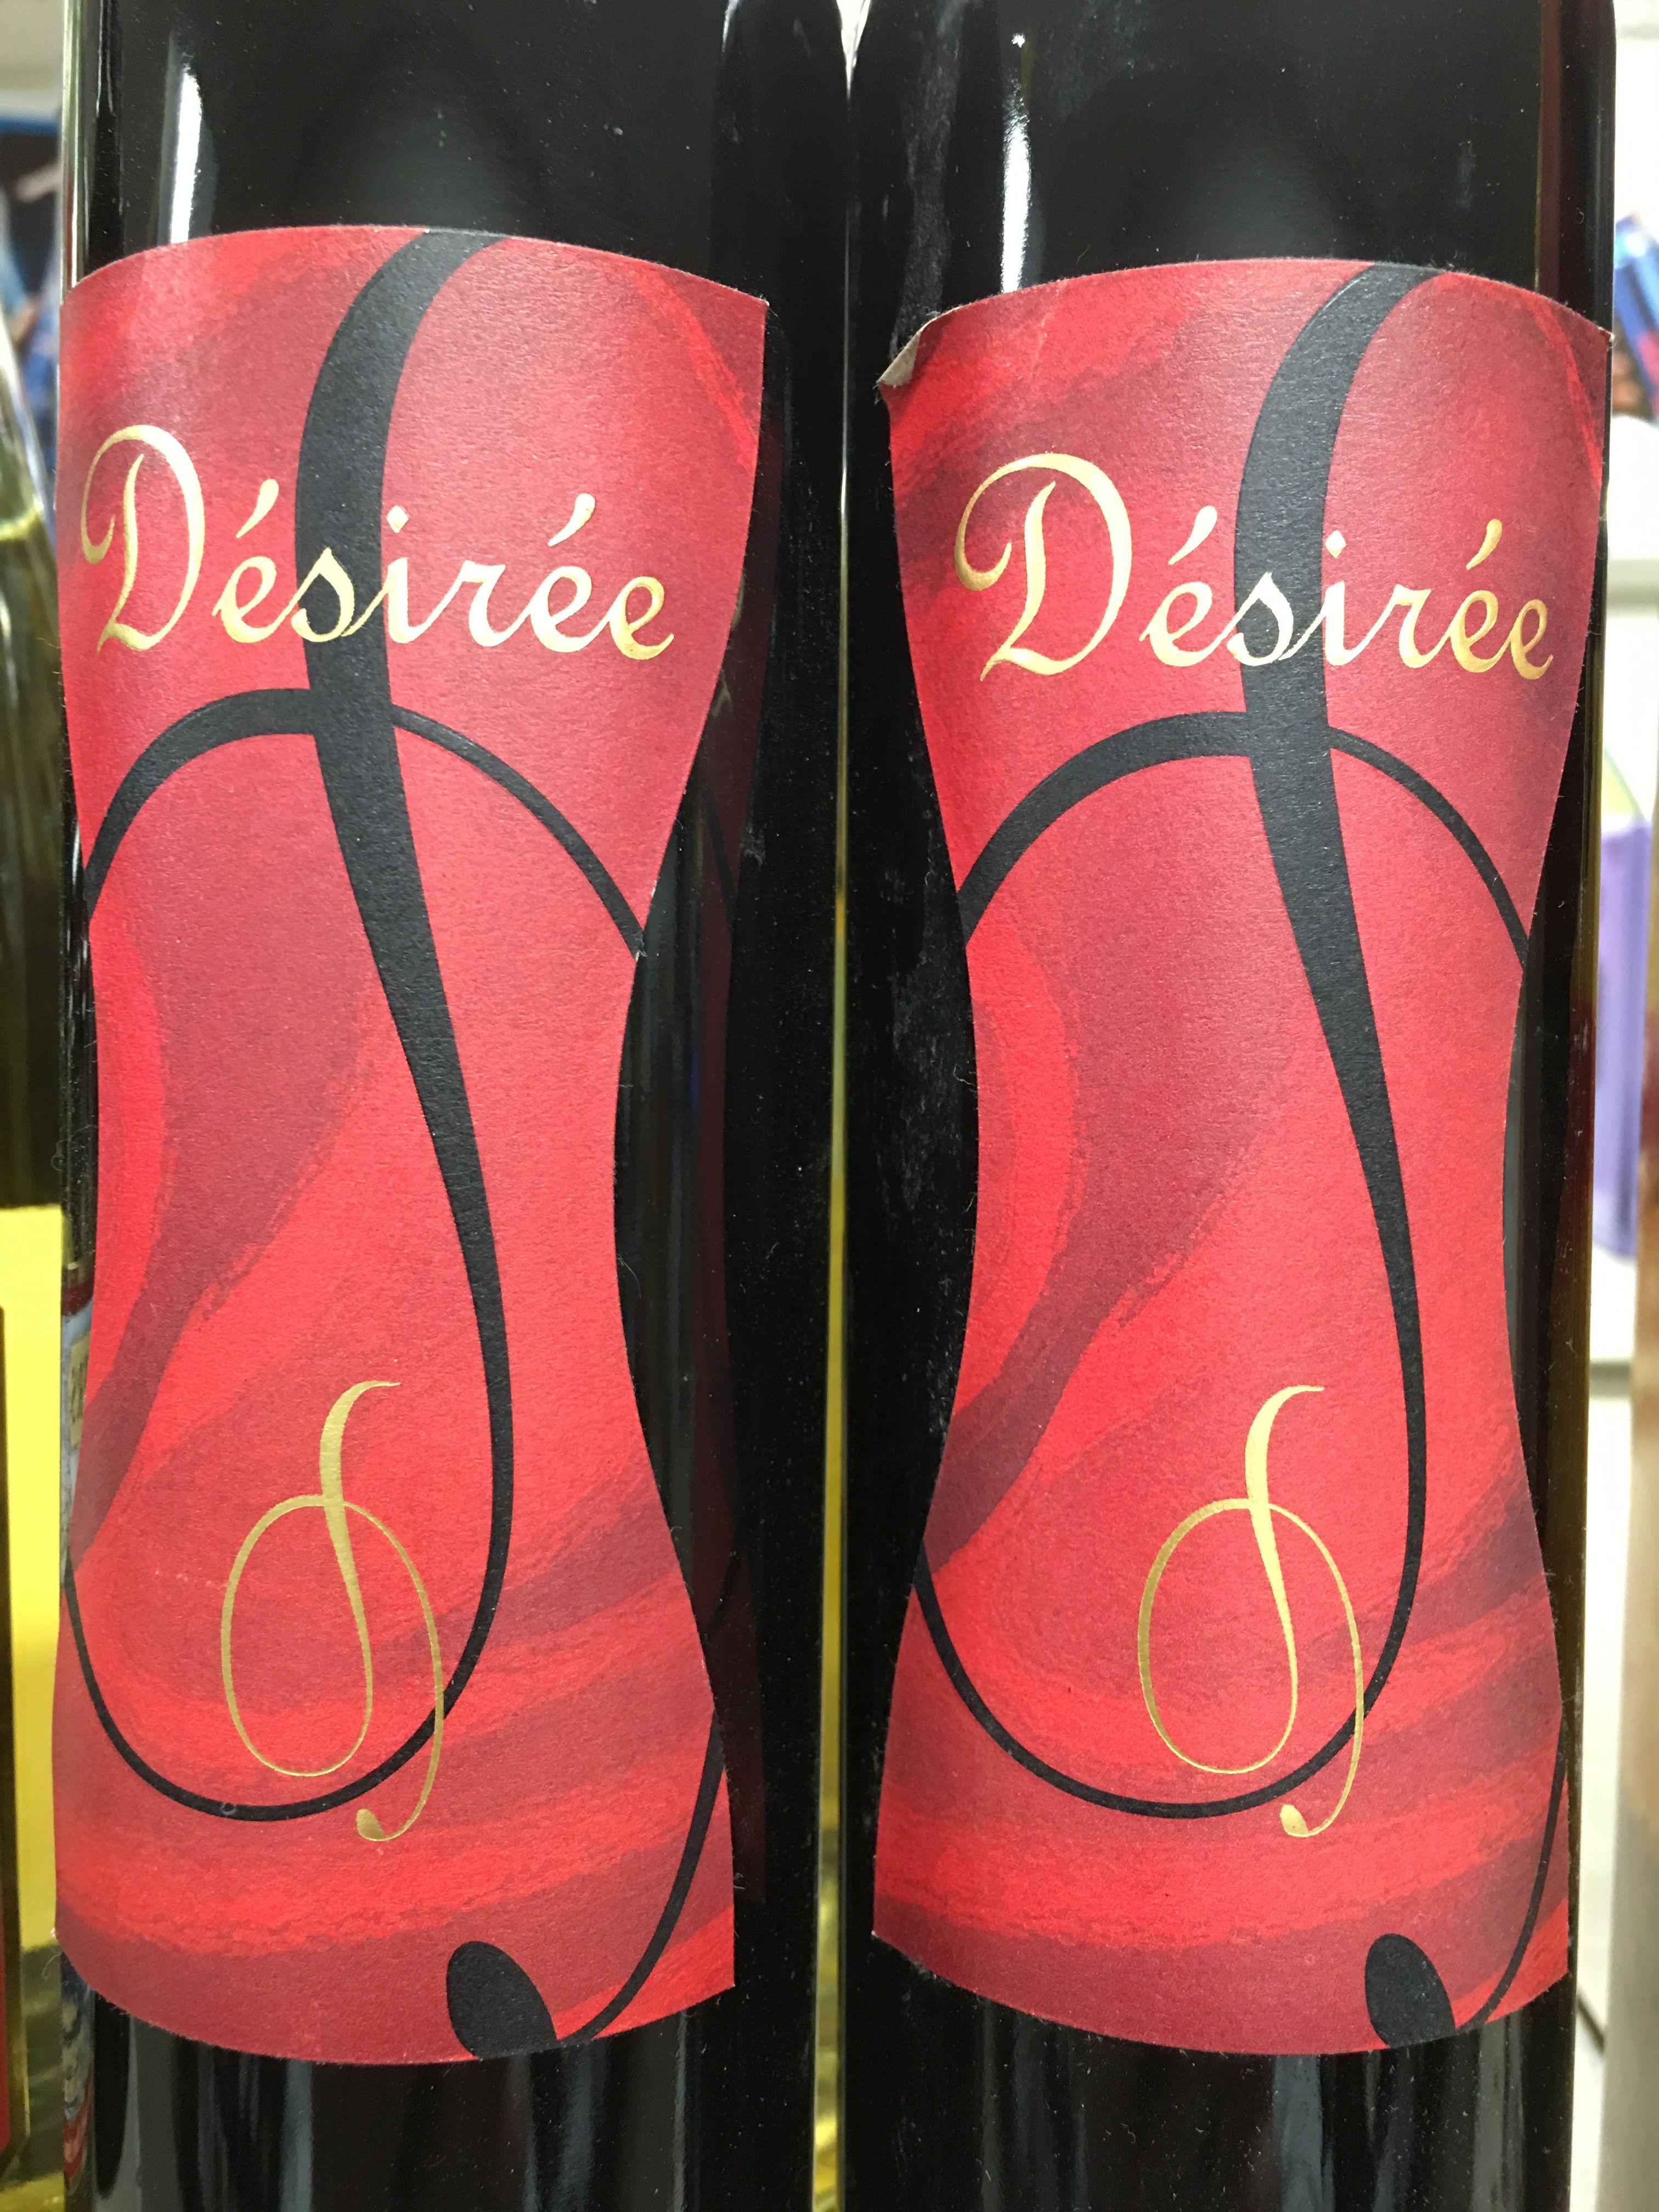 Valentine S Day Gift Idea Rosenblum Desiree Chocolate Dessert Wine 375ml 17 99 Valentinesday Franklinma Wine Womens Flip Flop Flop Women